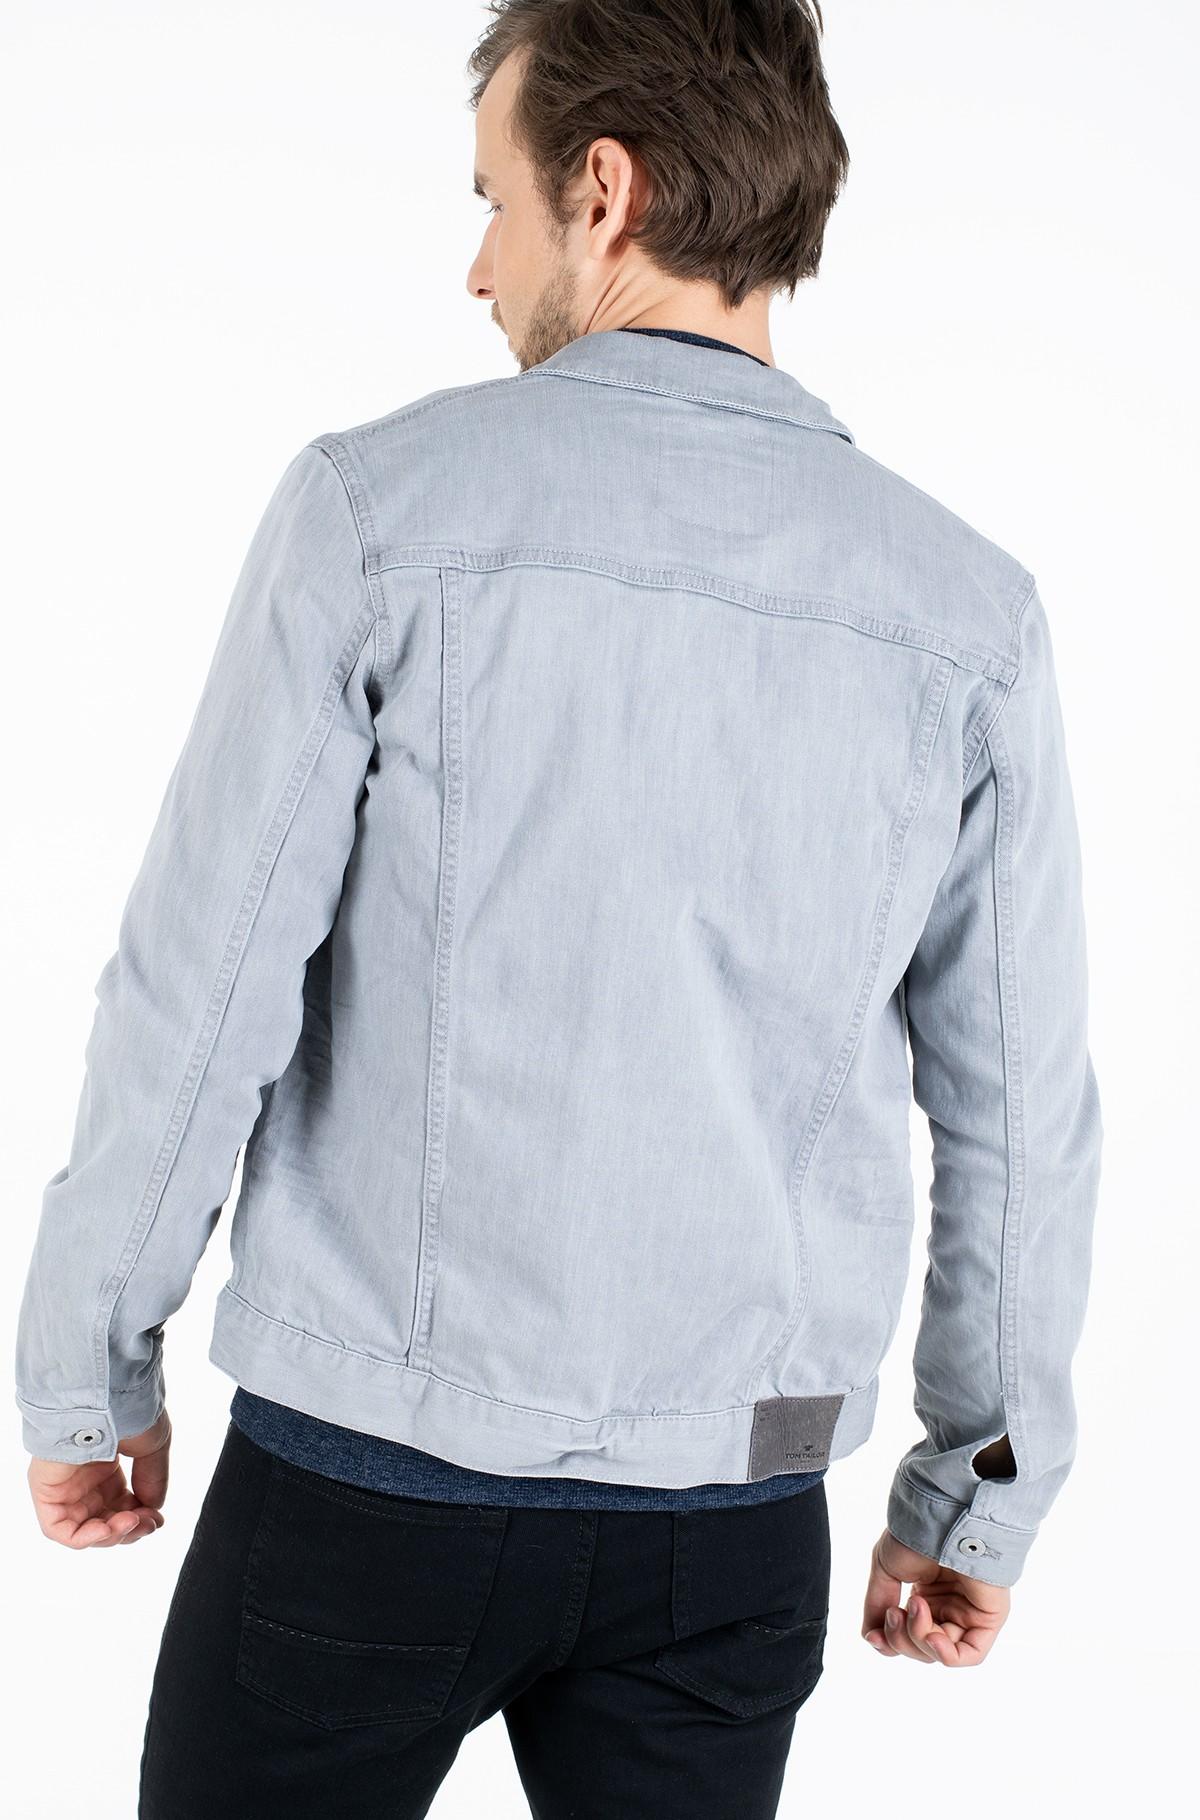 Denim jacket 1017305-full-2